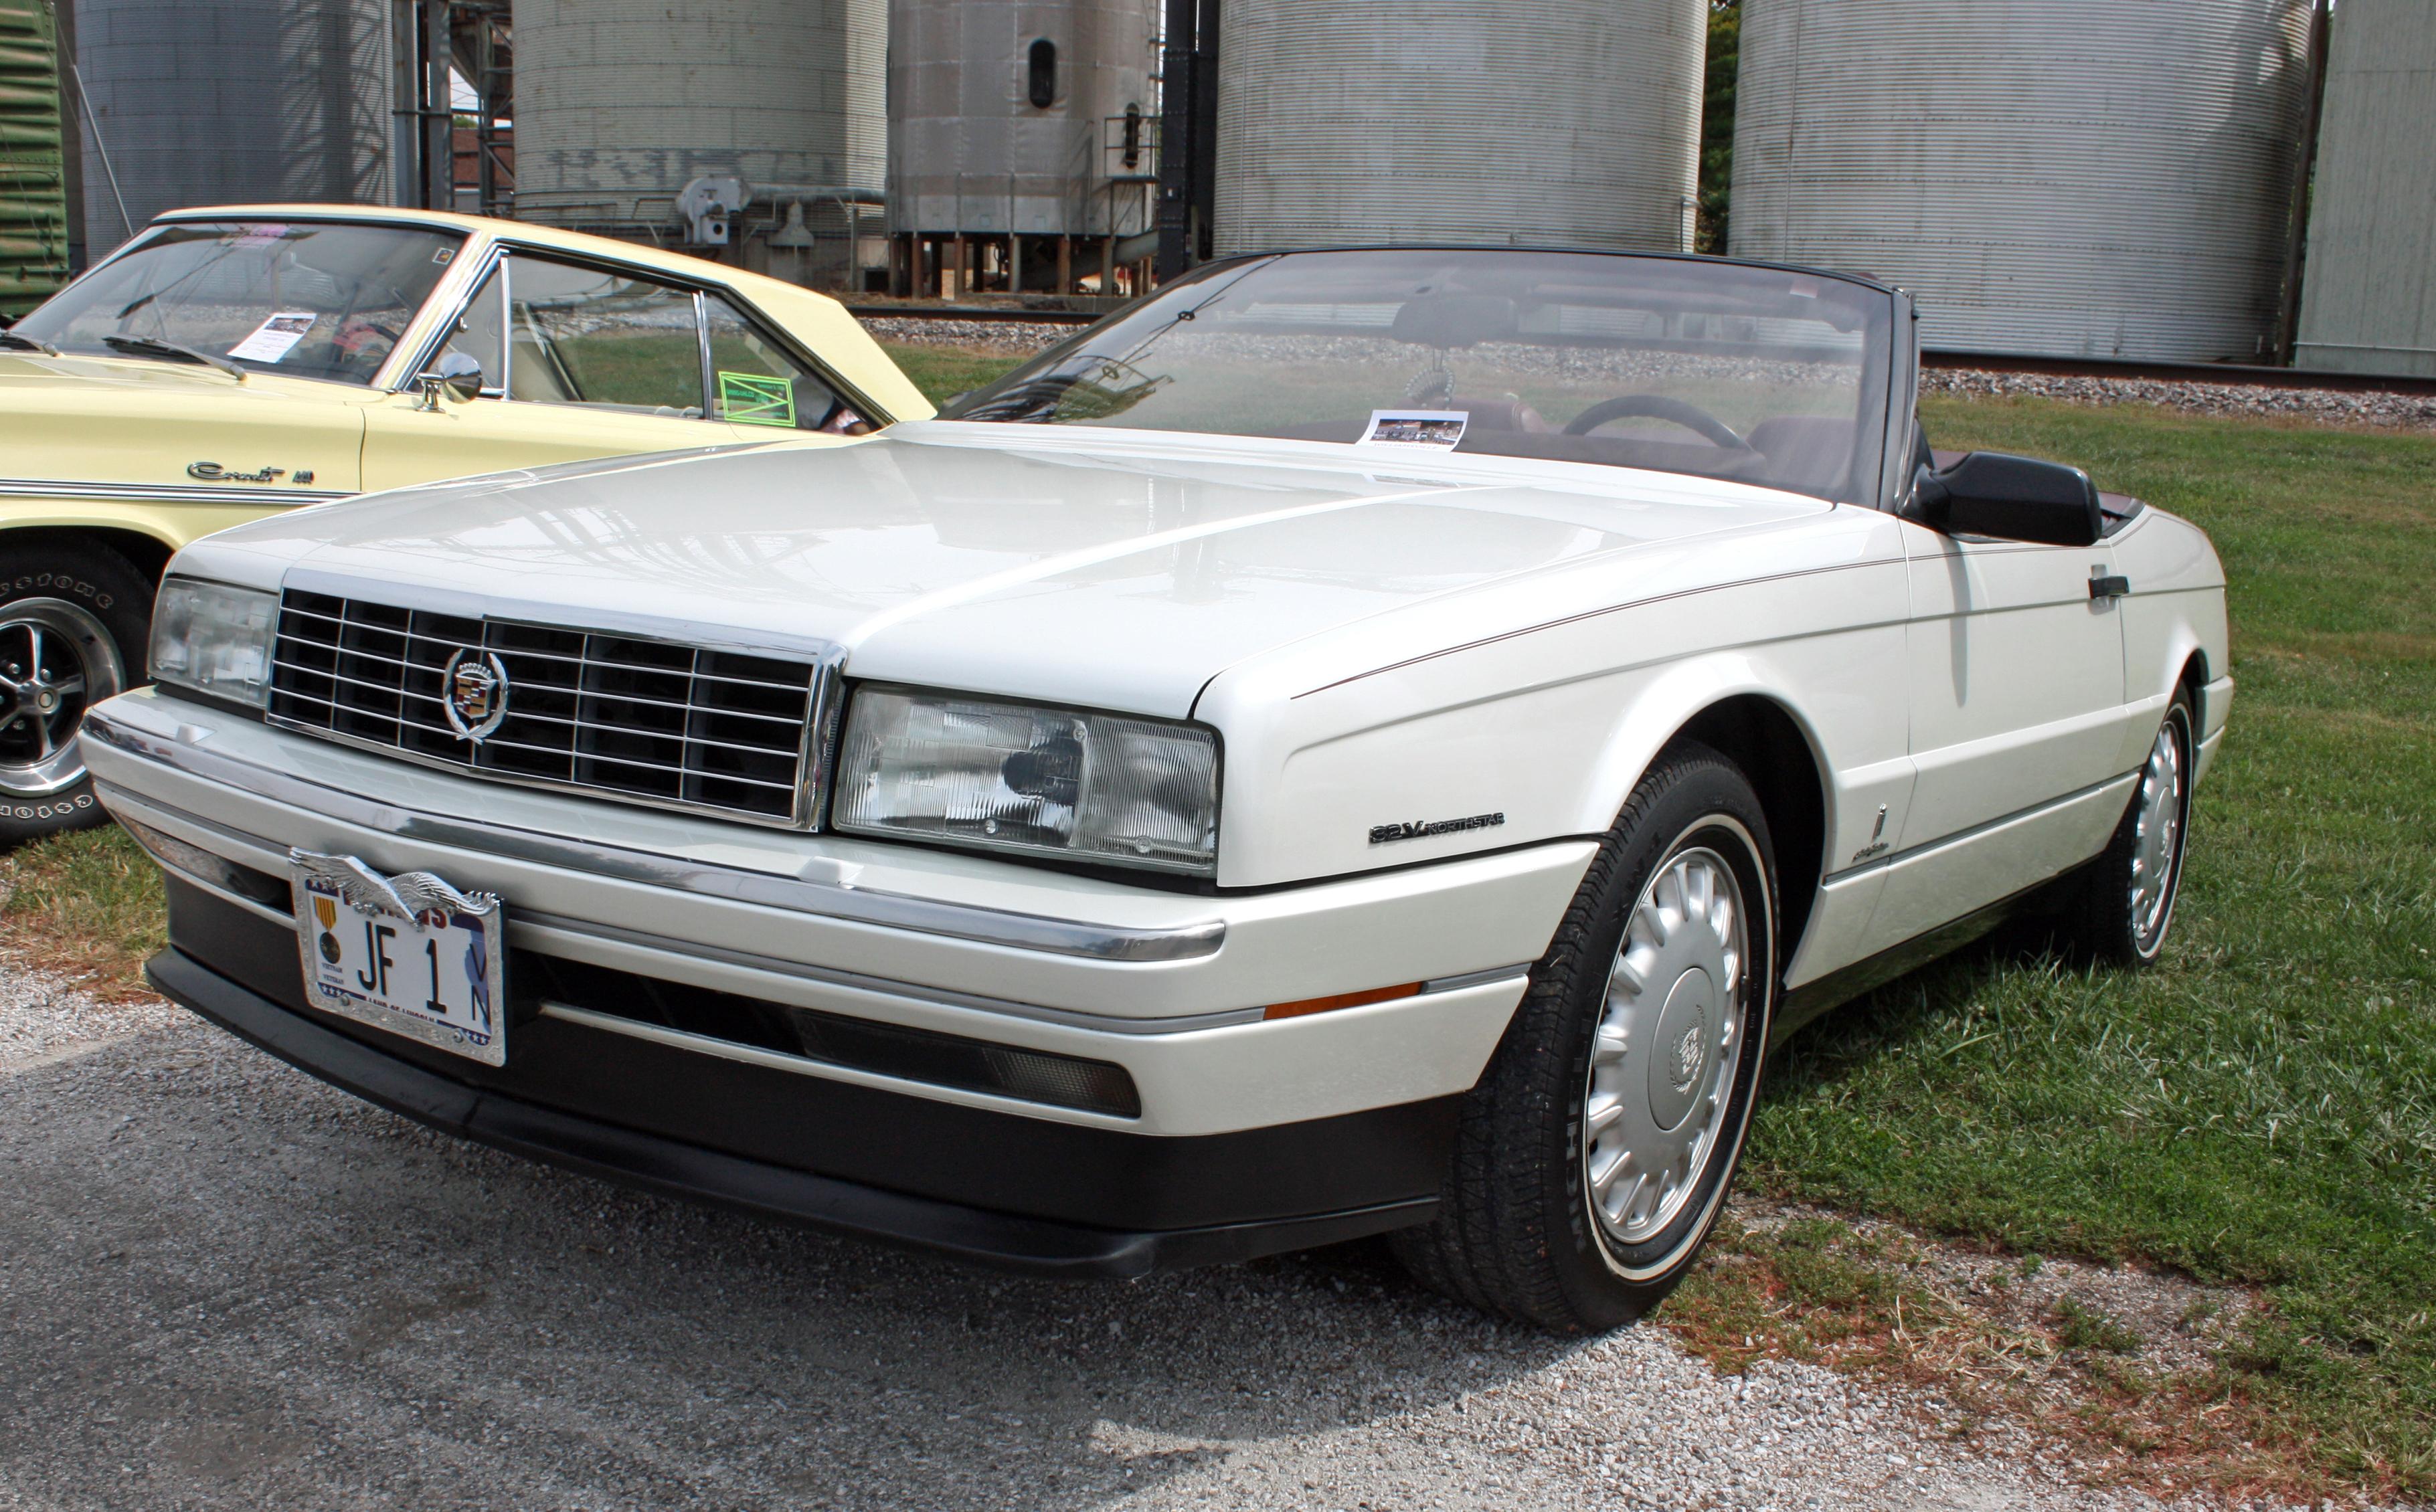 1992 Cadillac Allante Fuse Box Location Wiring Diagrams 1988 1991 1993